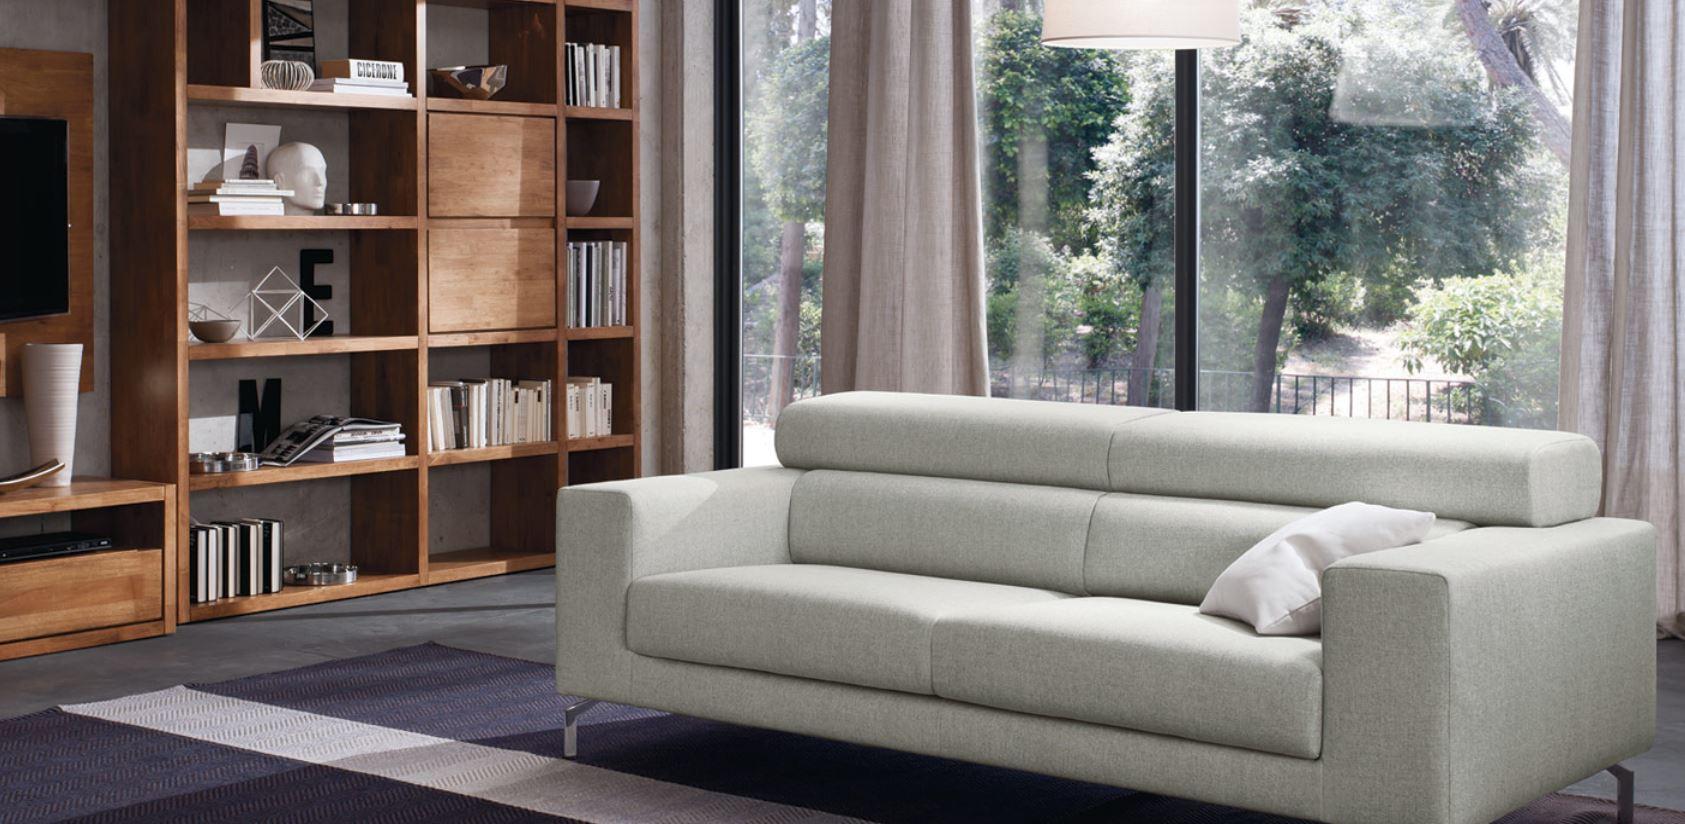 Centro divani in stile moderno in tessuto pelle ecopelle for Arredamenti francavilla fontana